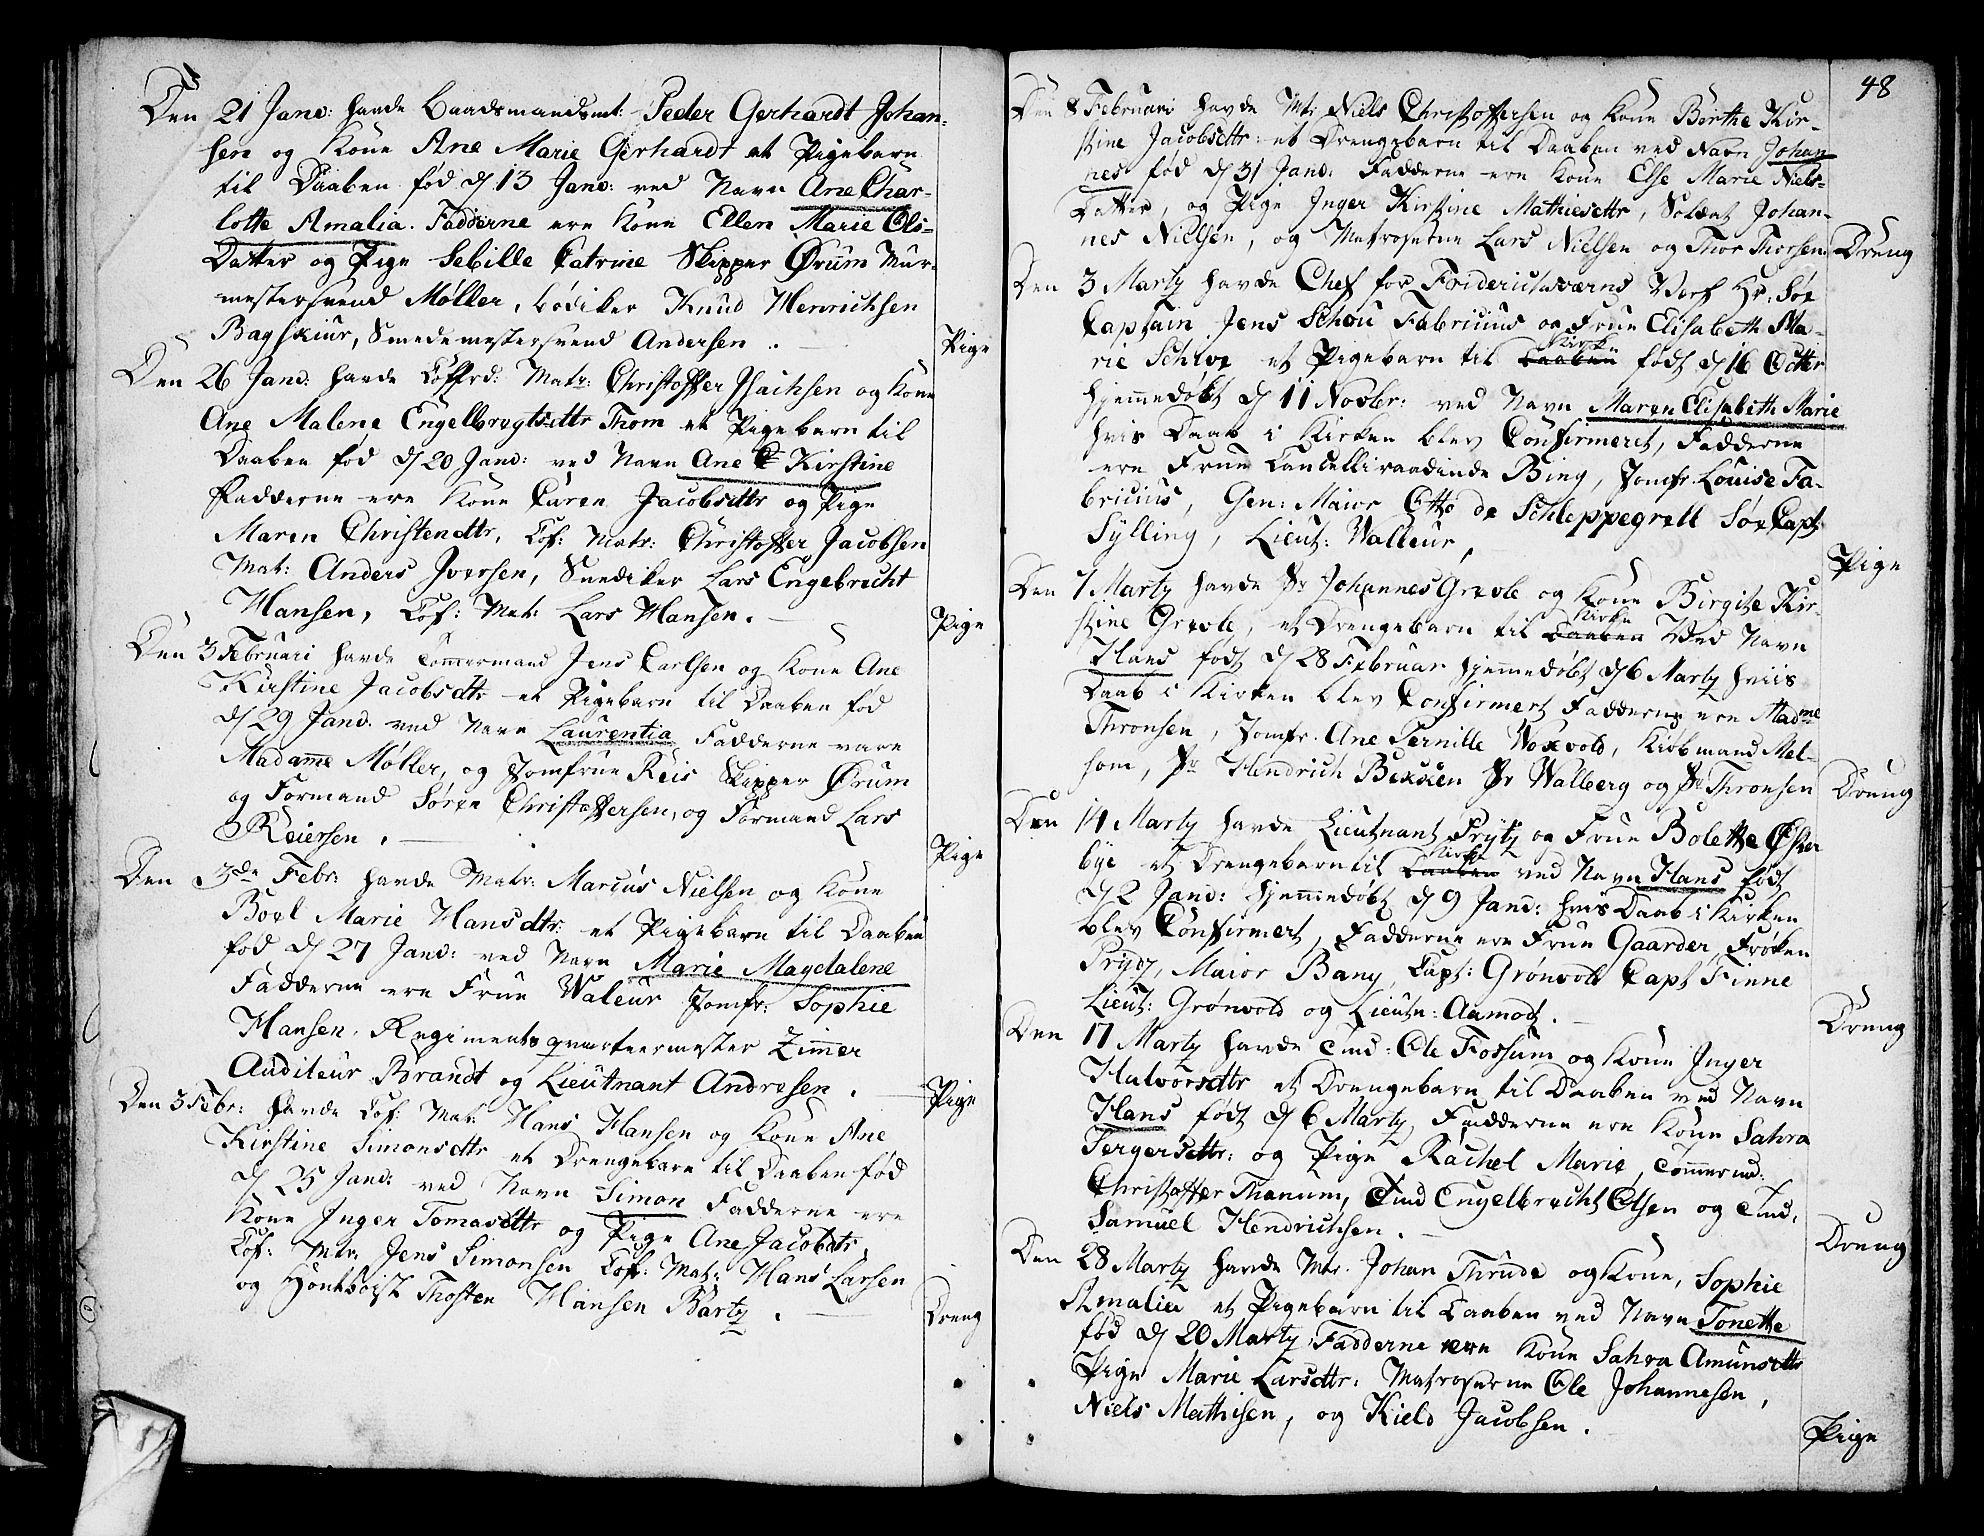 SAKO, Stavern kirkebøker, F/Fa/L0002: Ministerialbok nr. 2, 1783-1809, s. 48